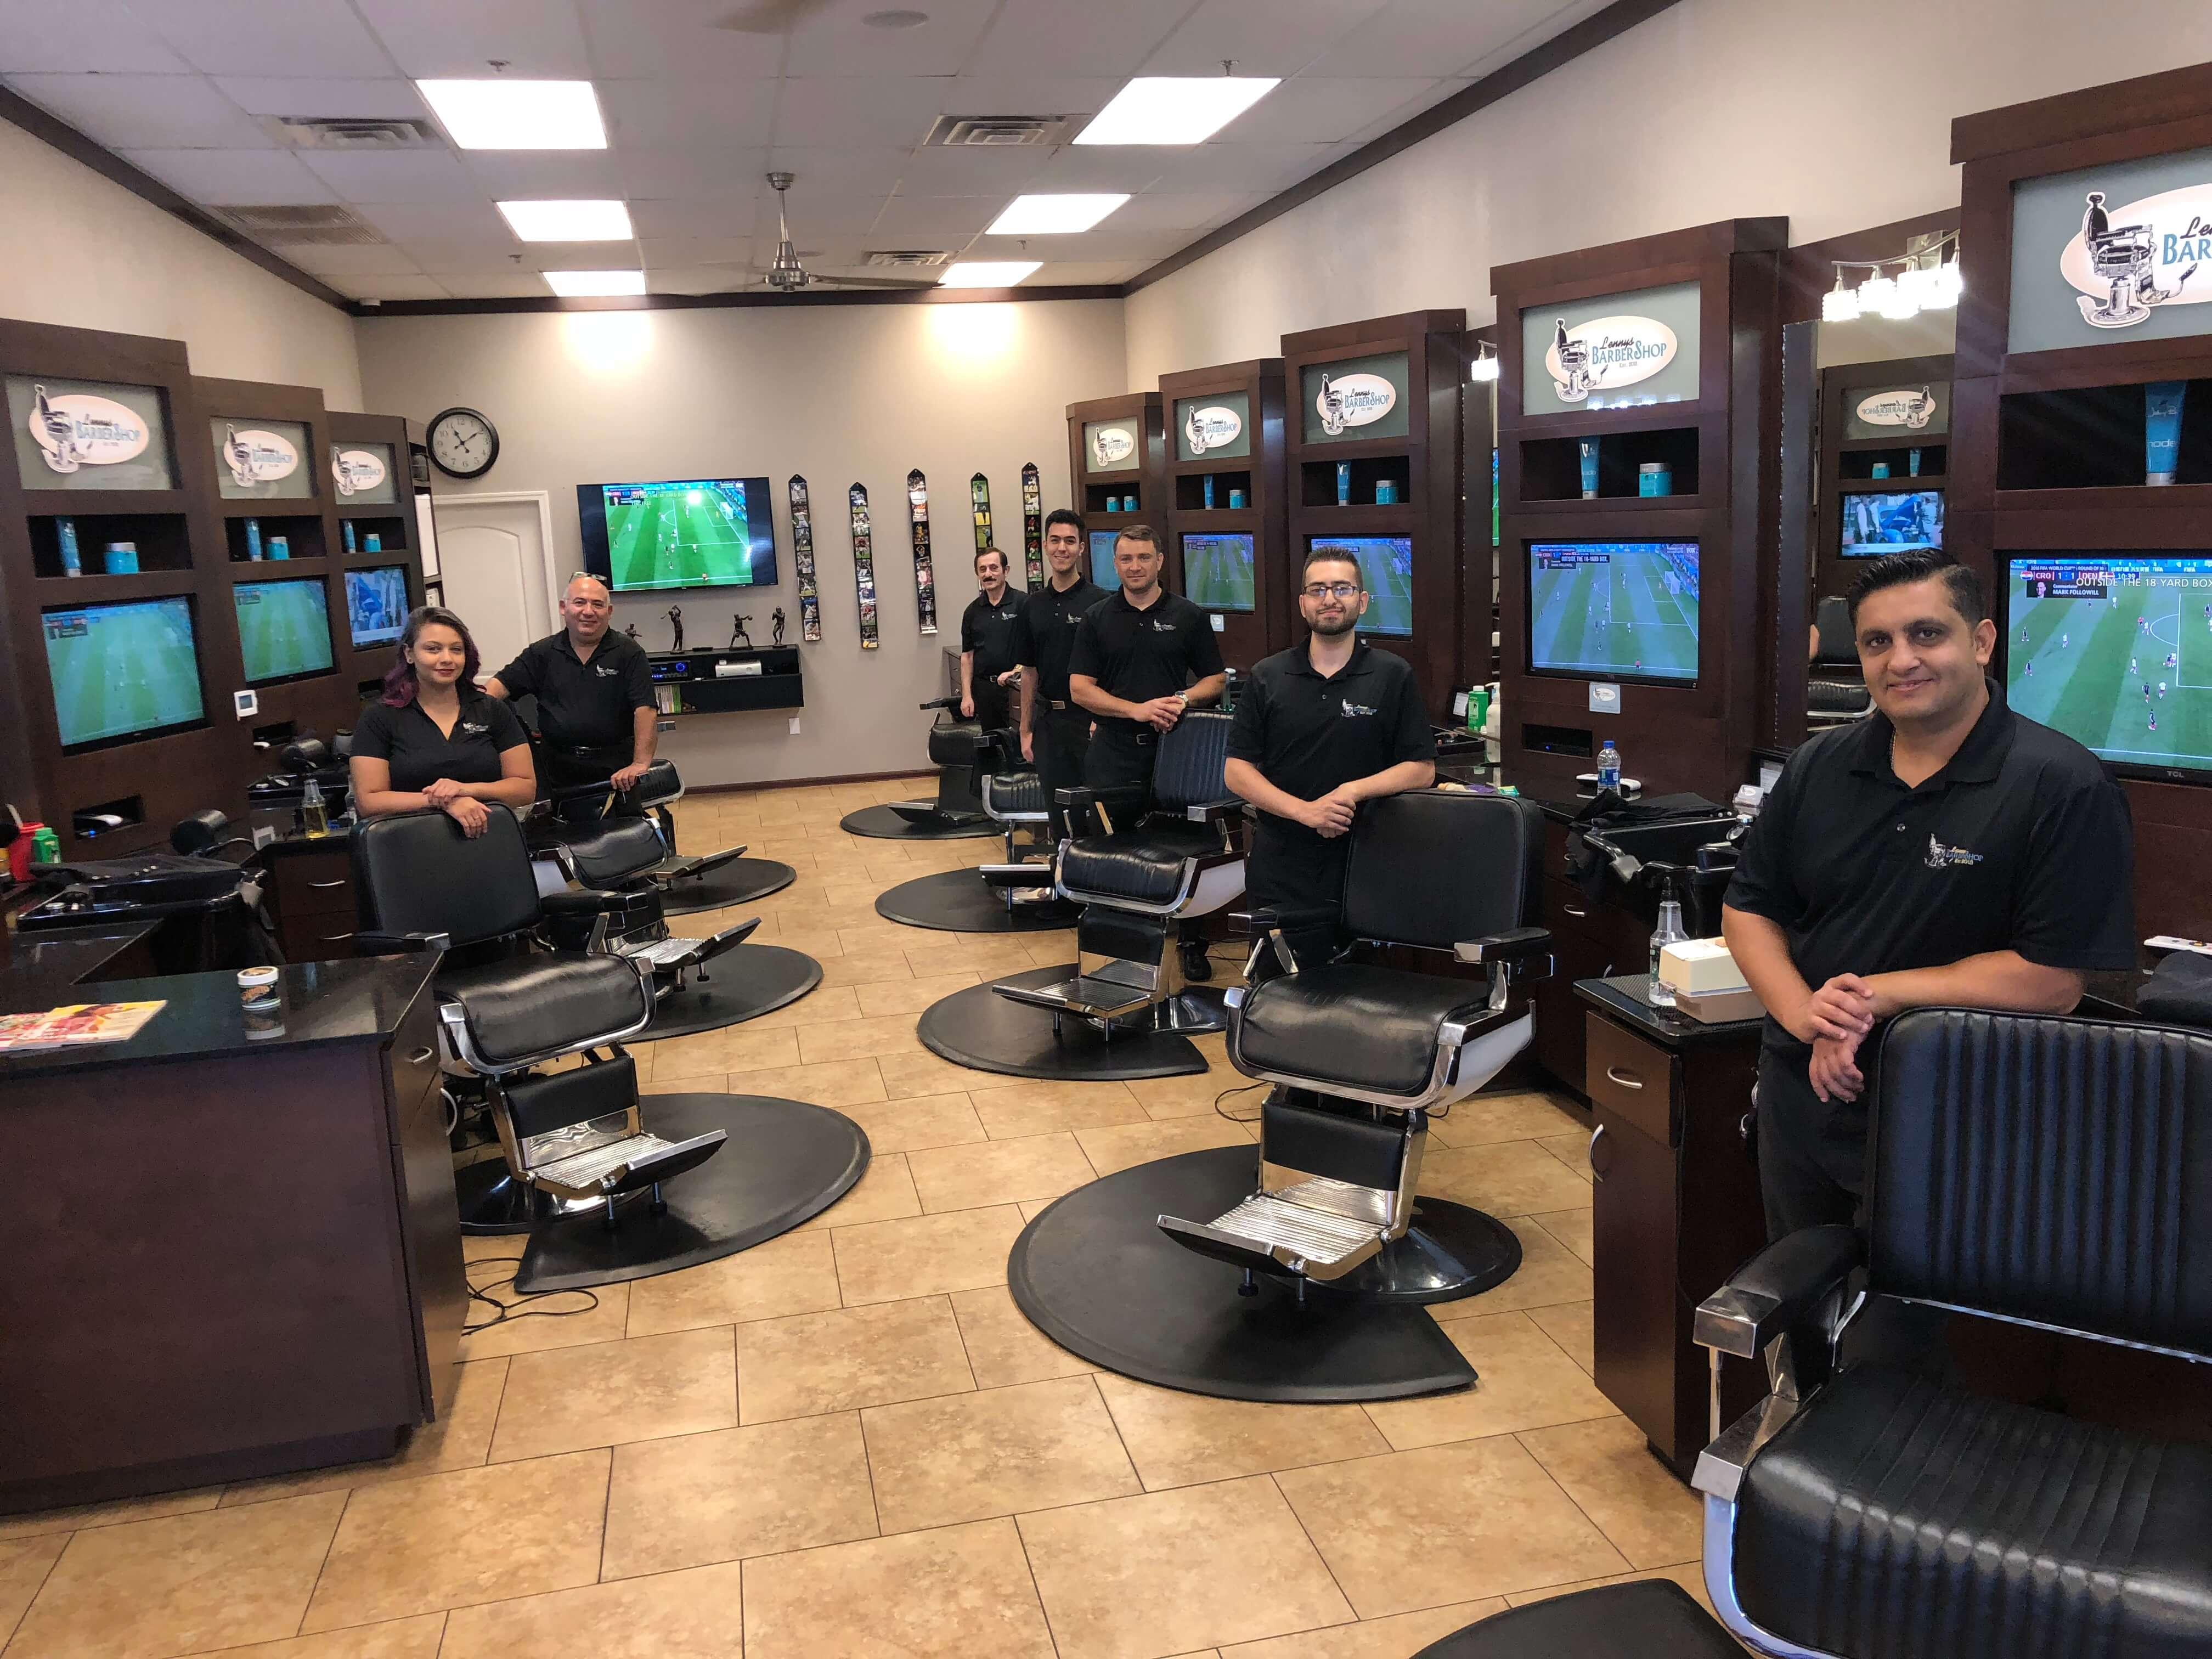 Lenny's Barber Shop